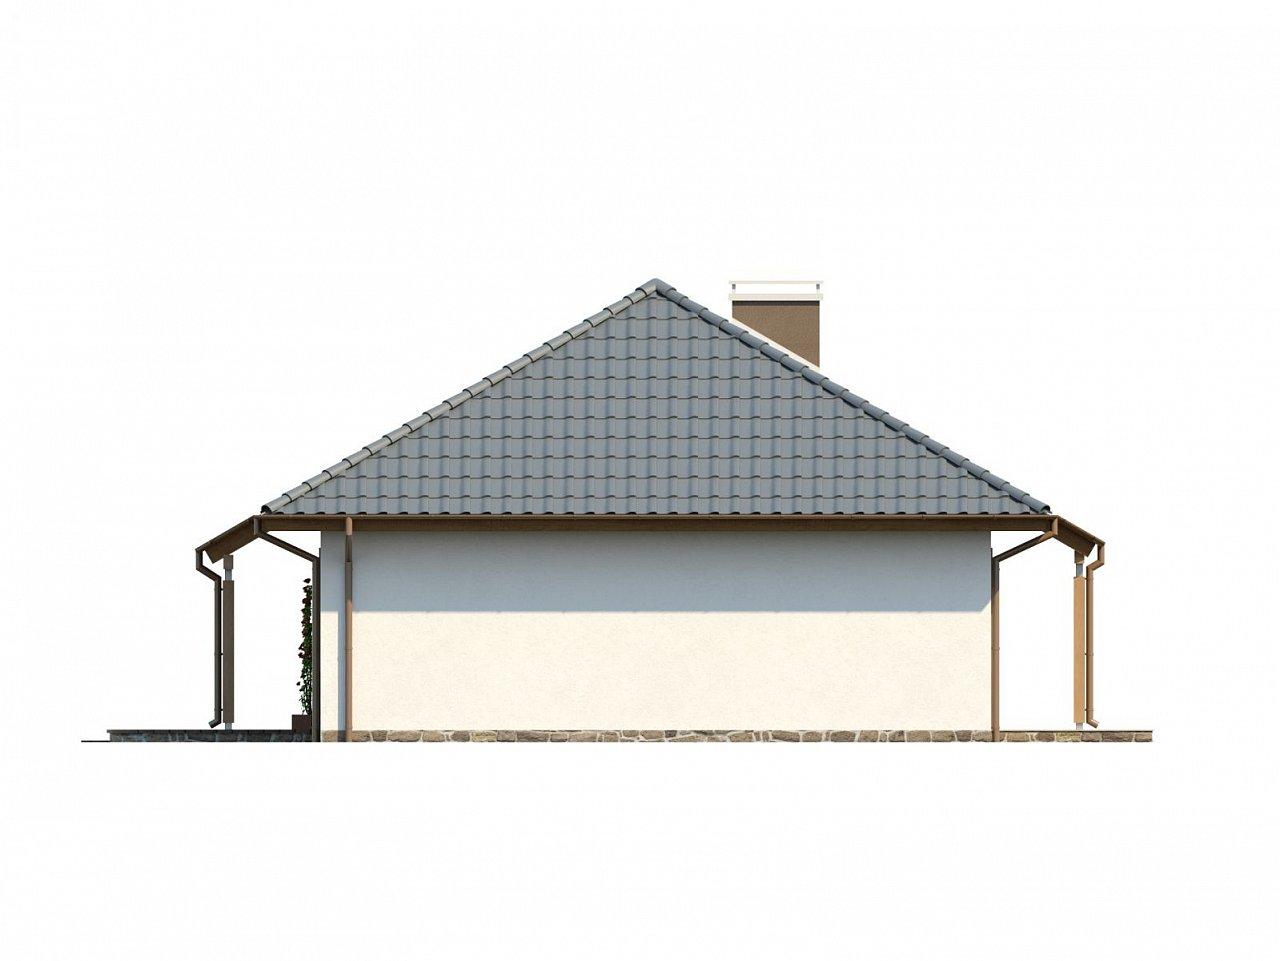 Проект одноэтажного классического дома адаптированного для каркасной технологии строительства. - фото 17